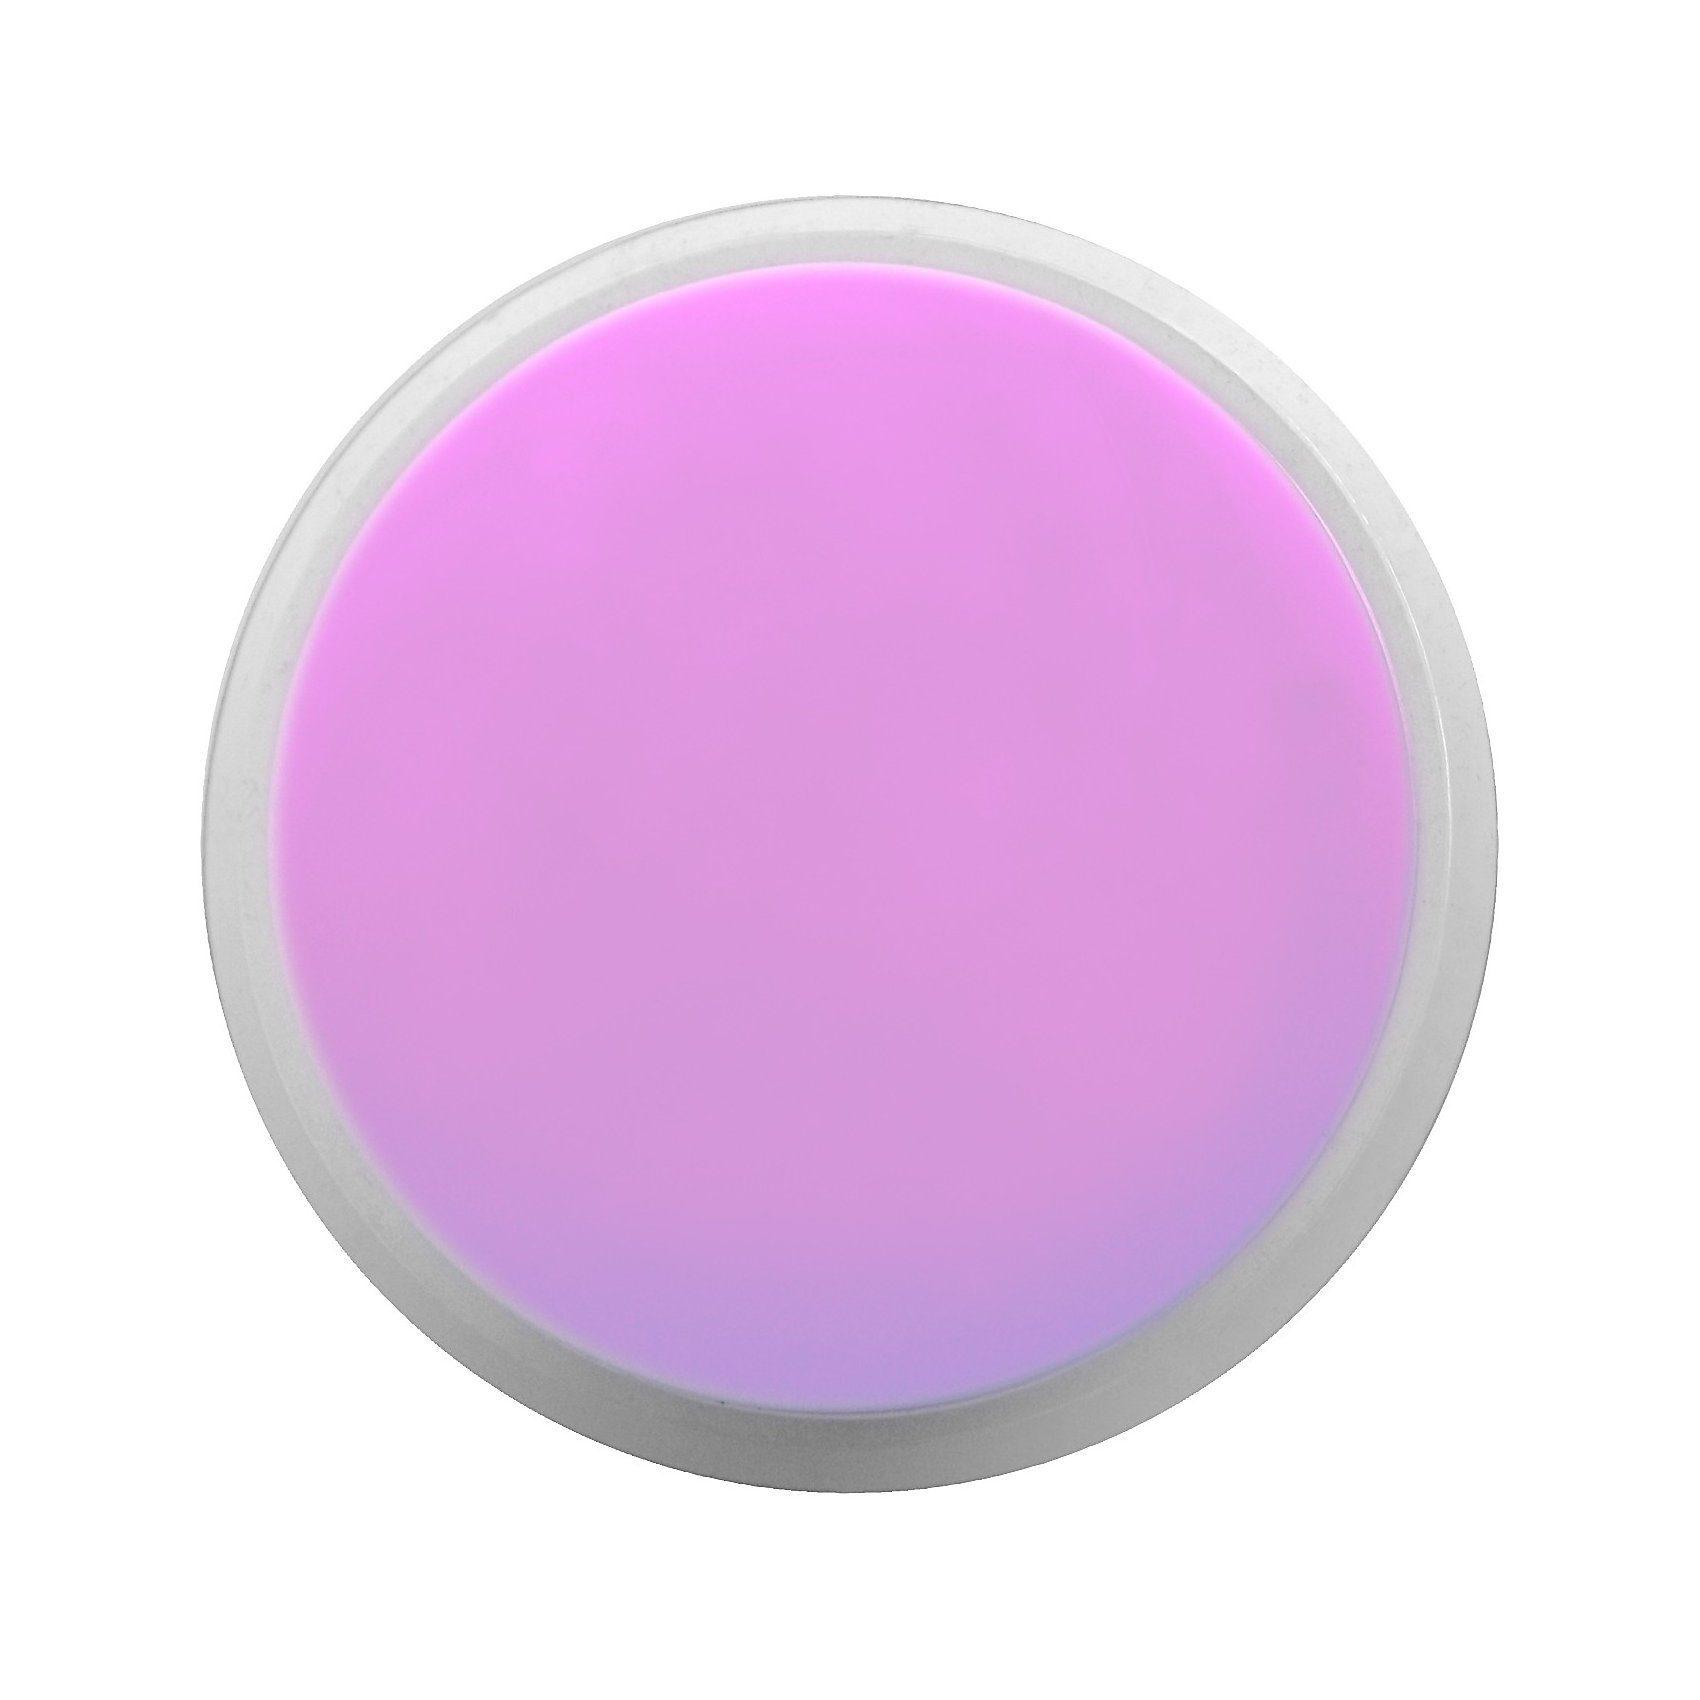 H + H babyruf Nachtlicht NL 52, rosa